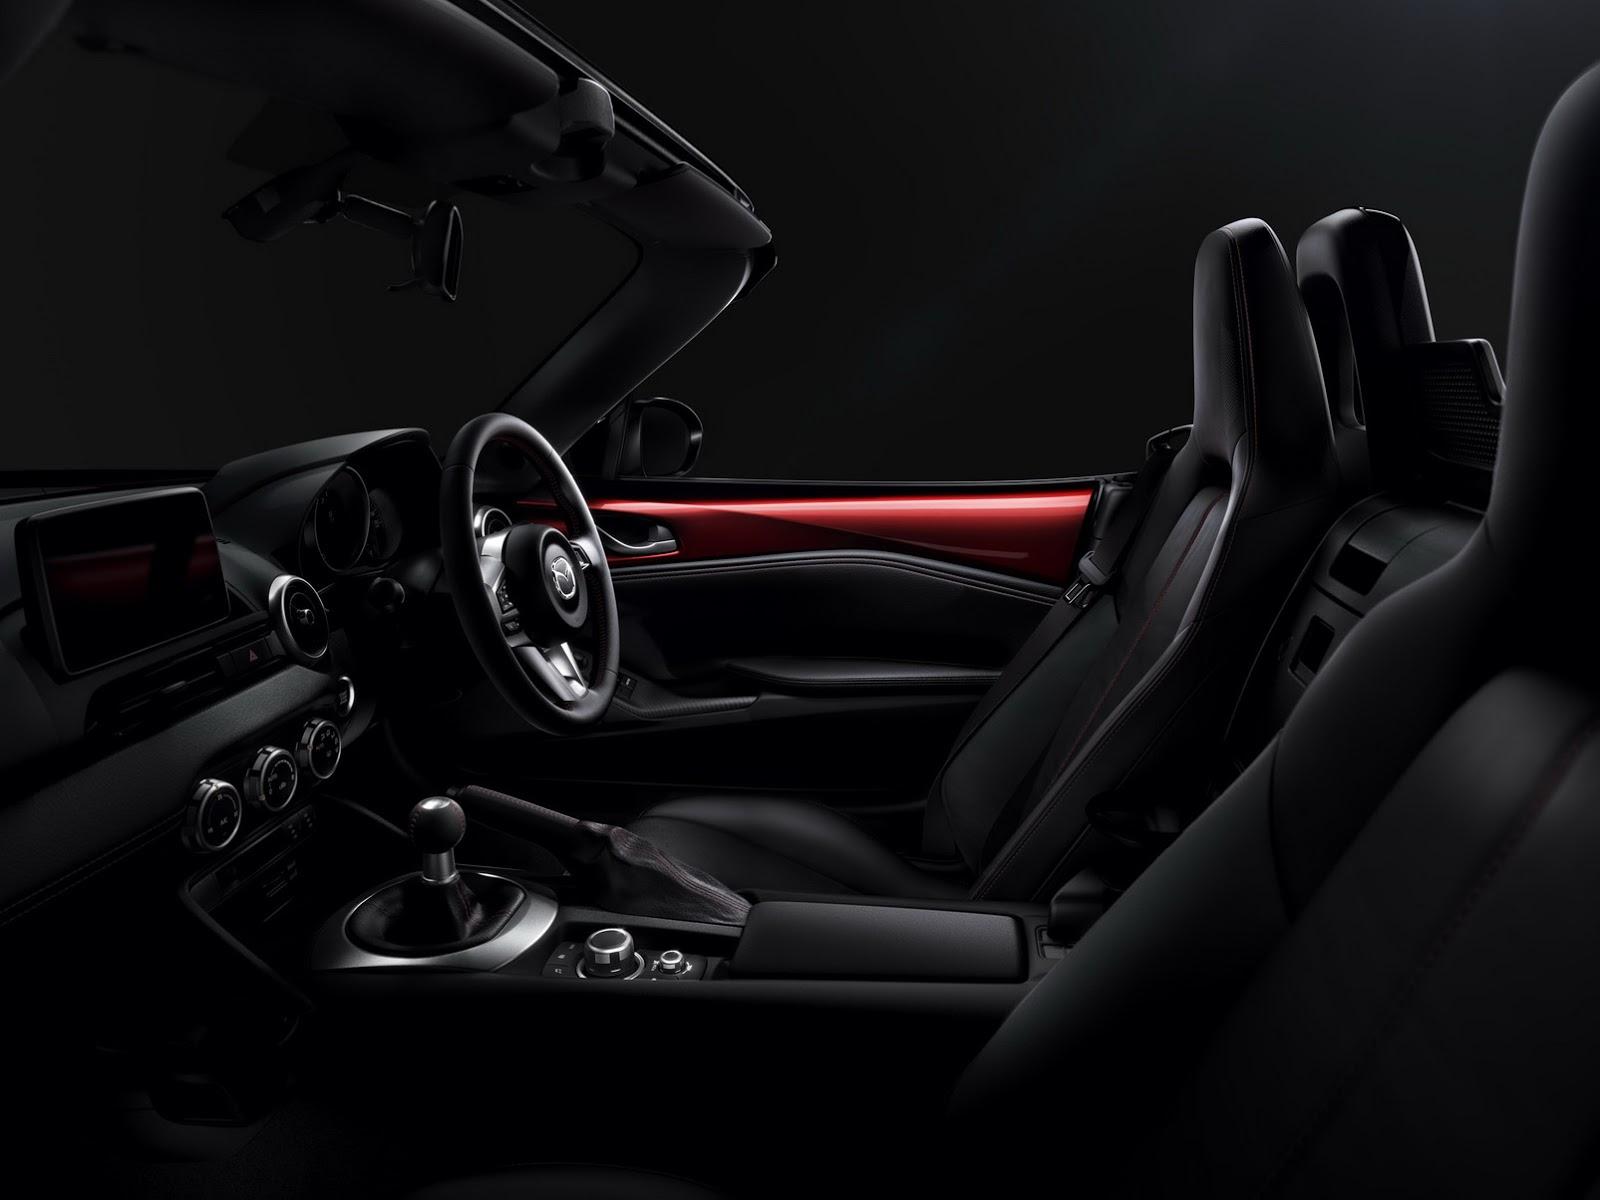 2015-Mazda-MX-5-10.jpg